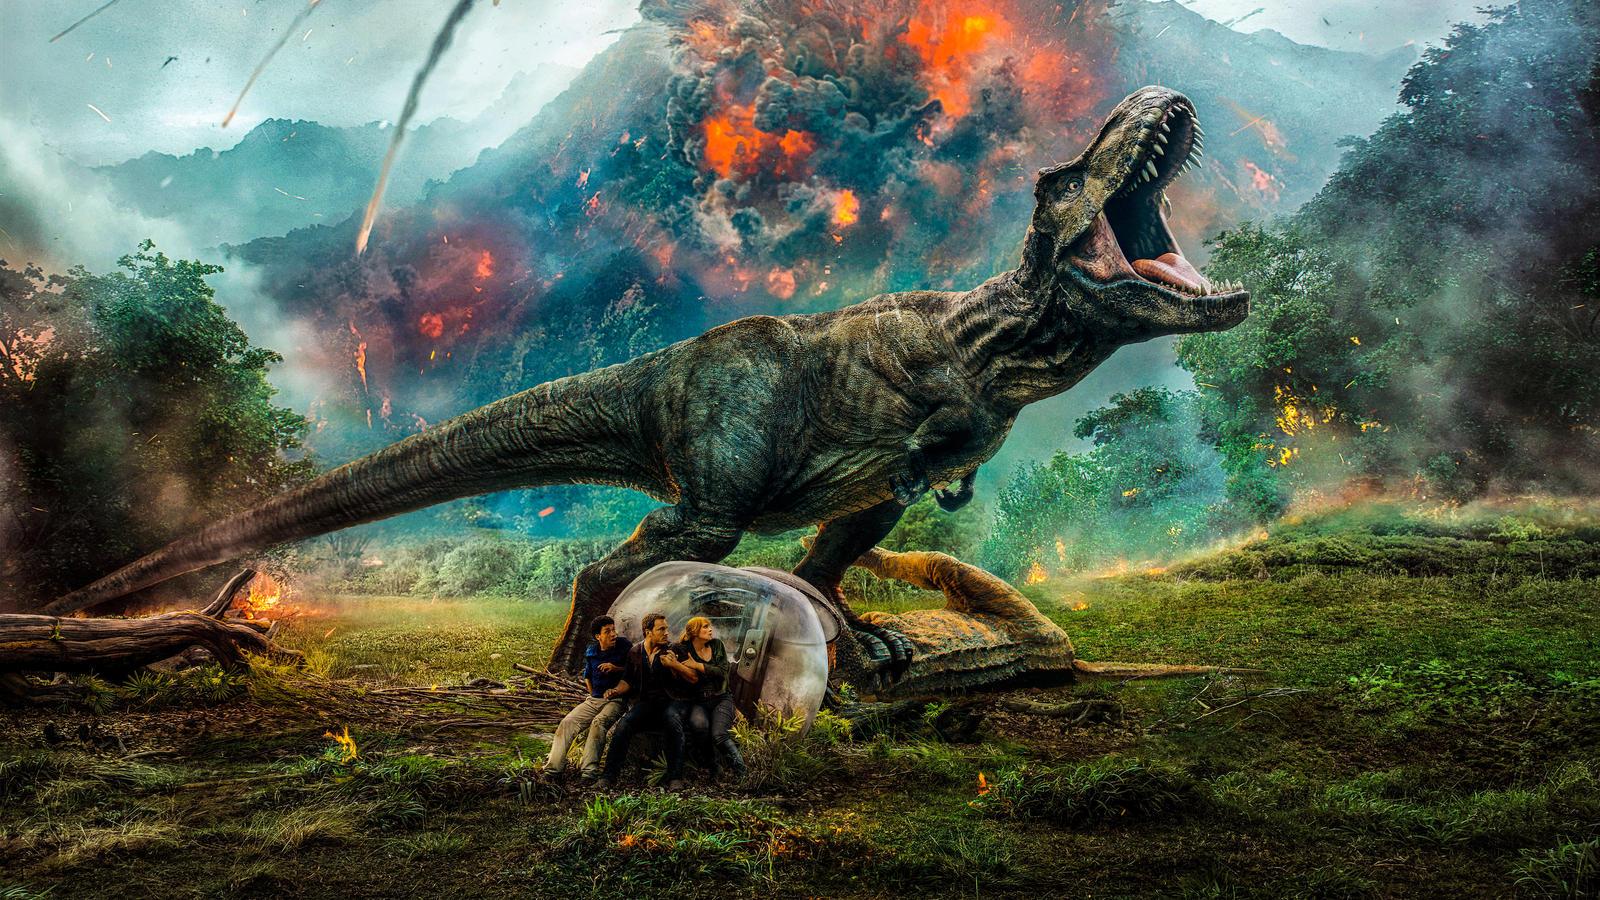 Jurassic World Fallen Kingdom wallpaper by Awesomeness360 ...